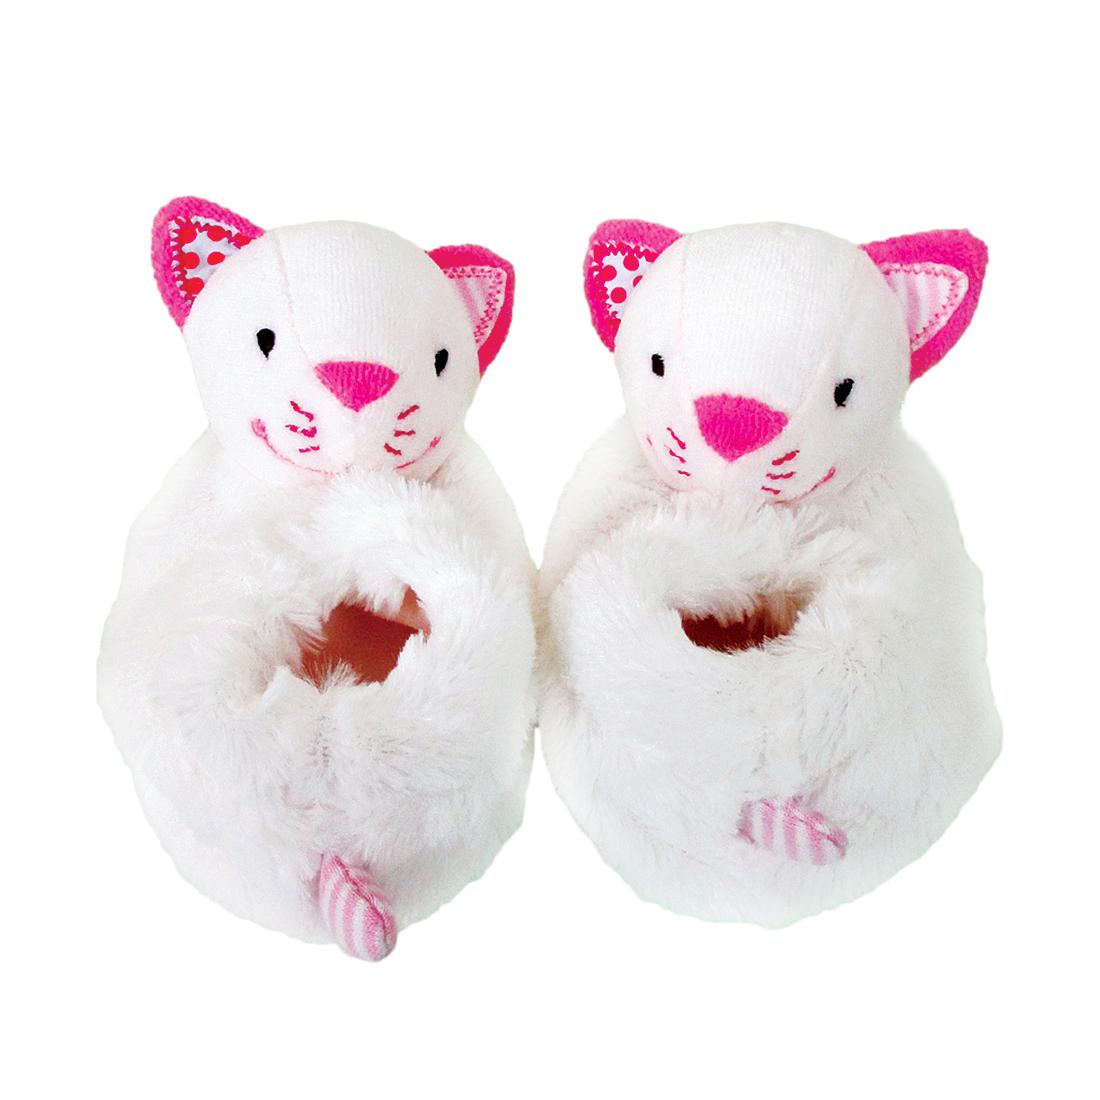 Погремушки и прорезыватели Наша игрушка Кошечка Кити для младенцев мягкая игрушка запястье погремушки ножки